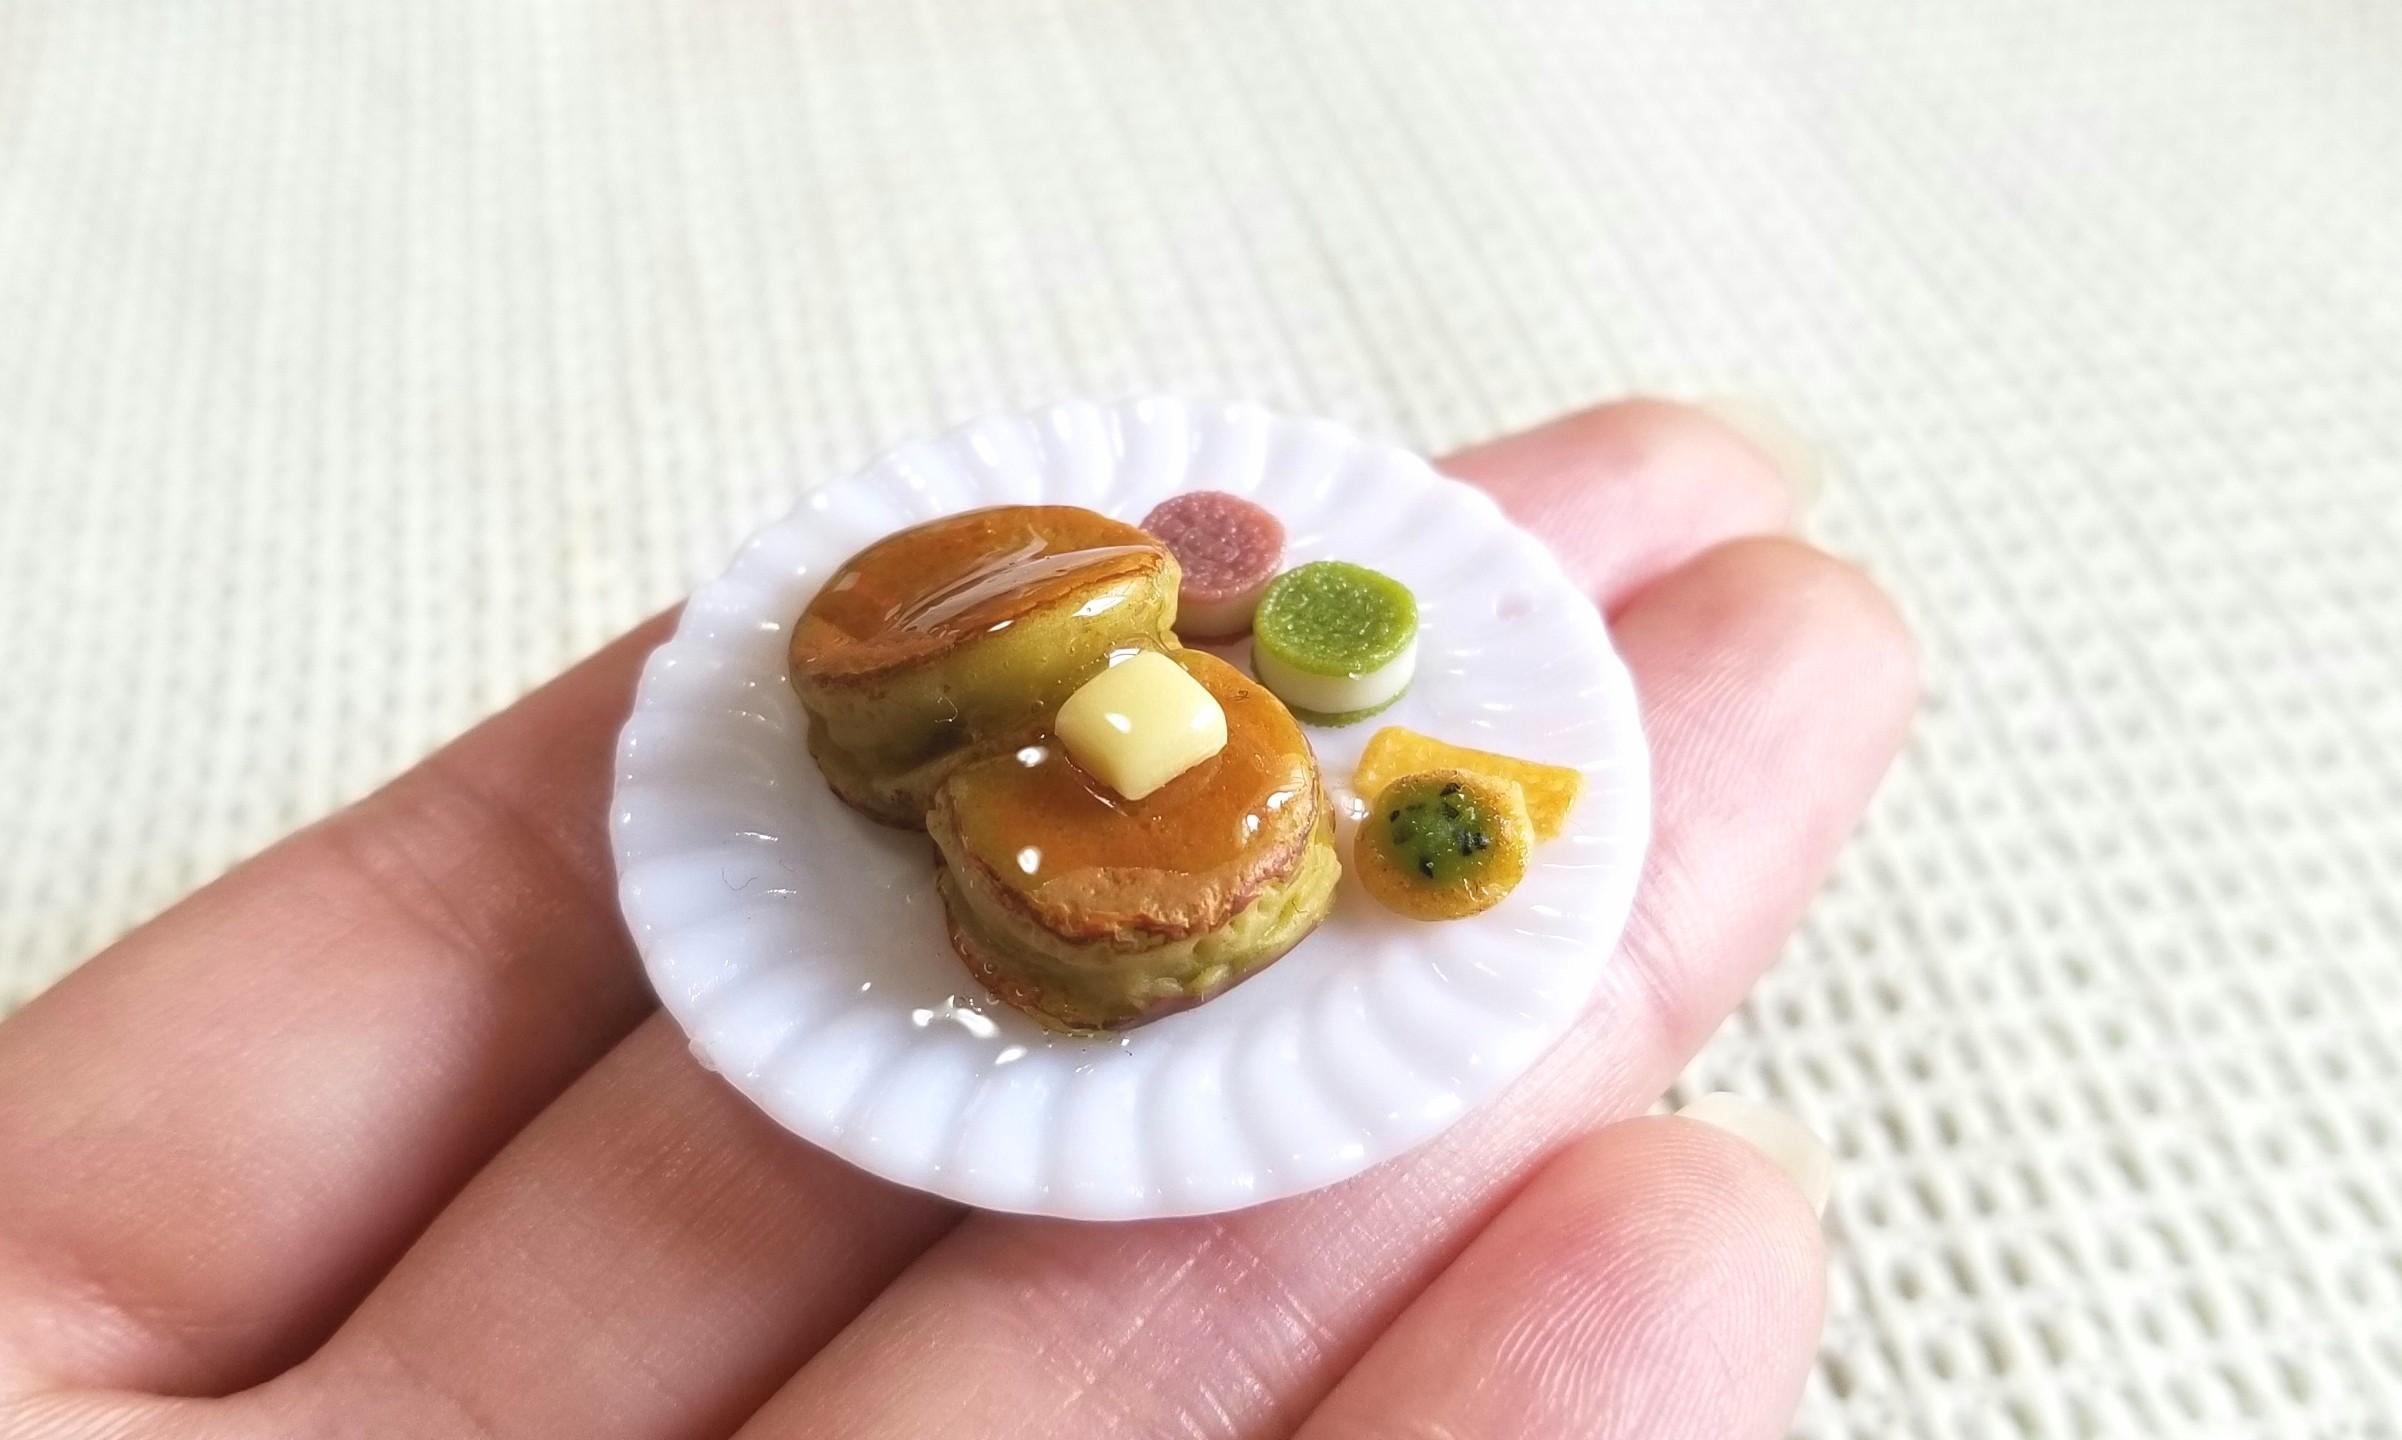 ホットケーキ,ミニチュアフード,パンケーキ,樹脂粘土,フェイクフード